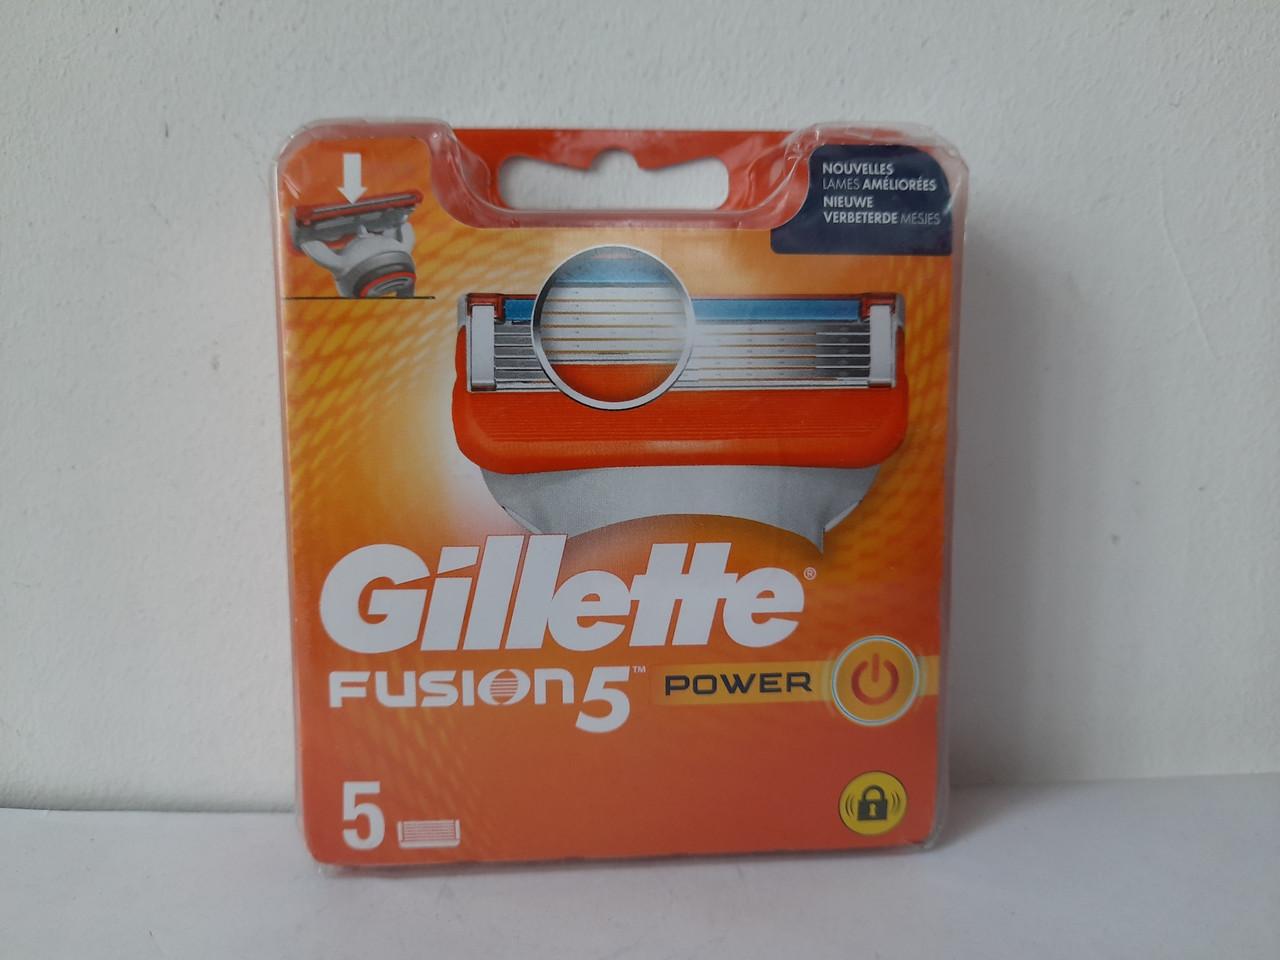 Кассеты мужские для бритья Gillette Fusion 5 Power - 5 шт. Новый диз. ( Фюжин 5 (кассета Павер!!) оригинал )